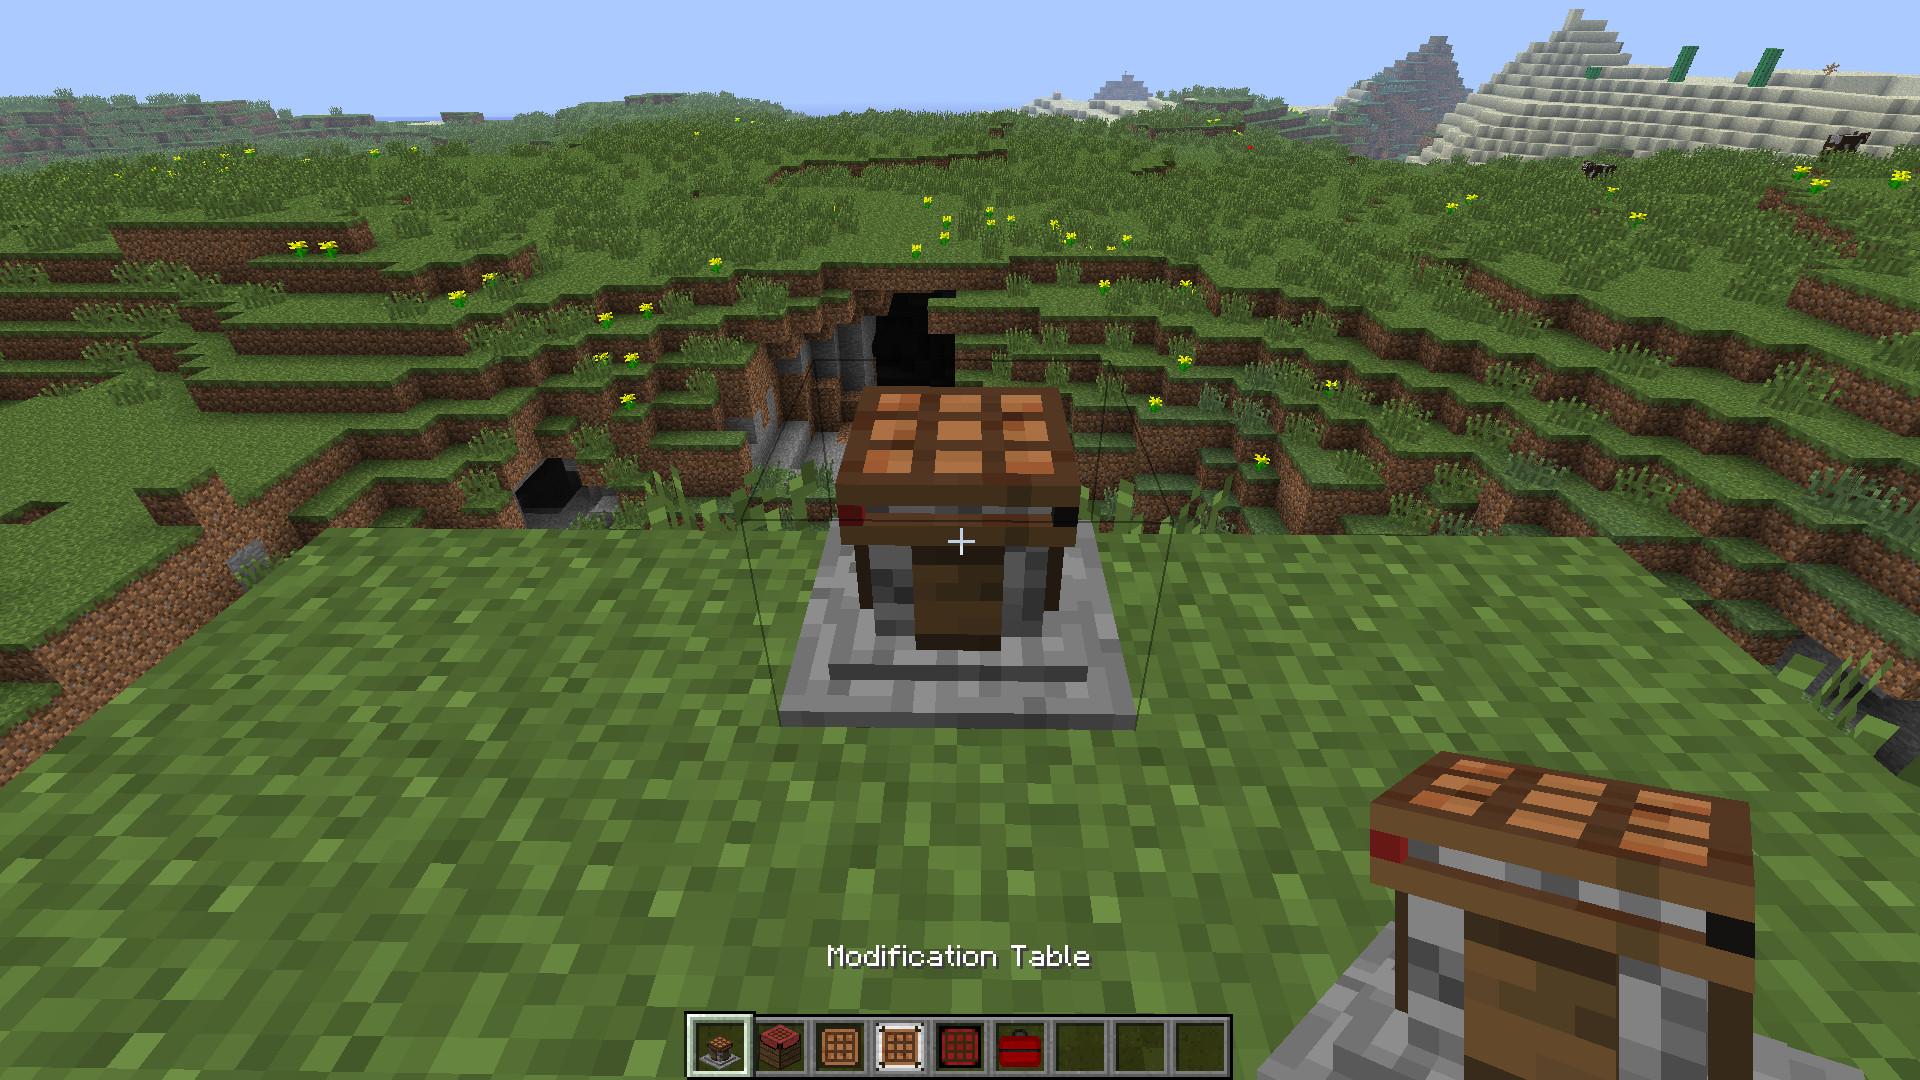 Скачать мод на просмотр крафтов для Minecraft 1.7.2 ...